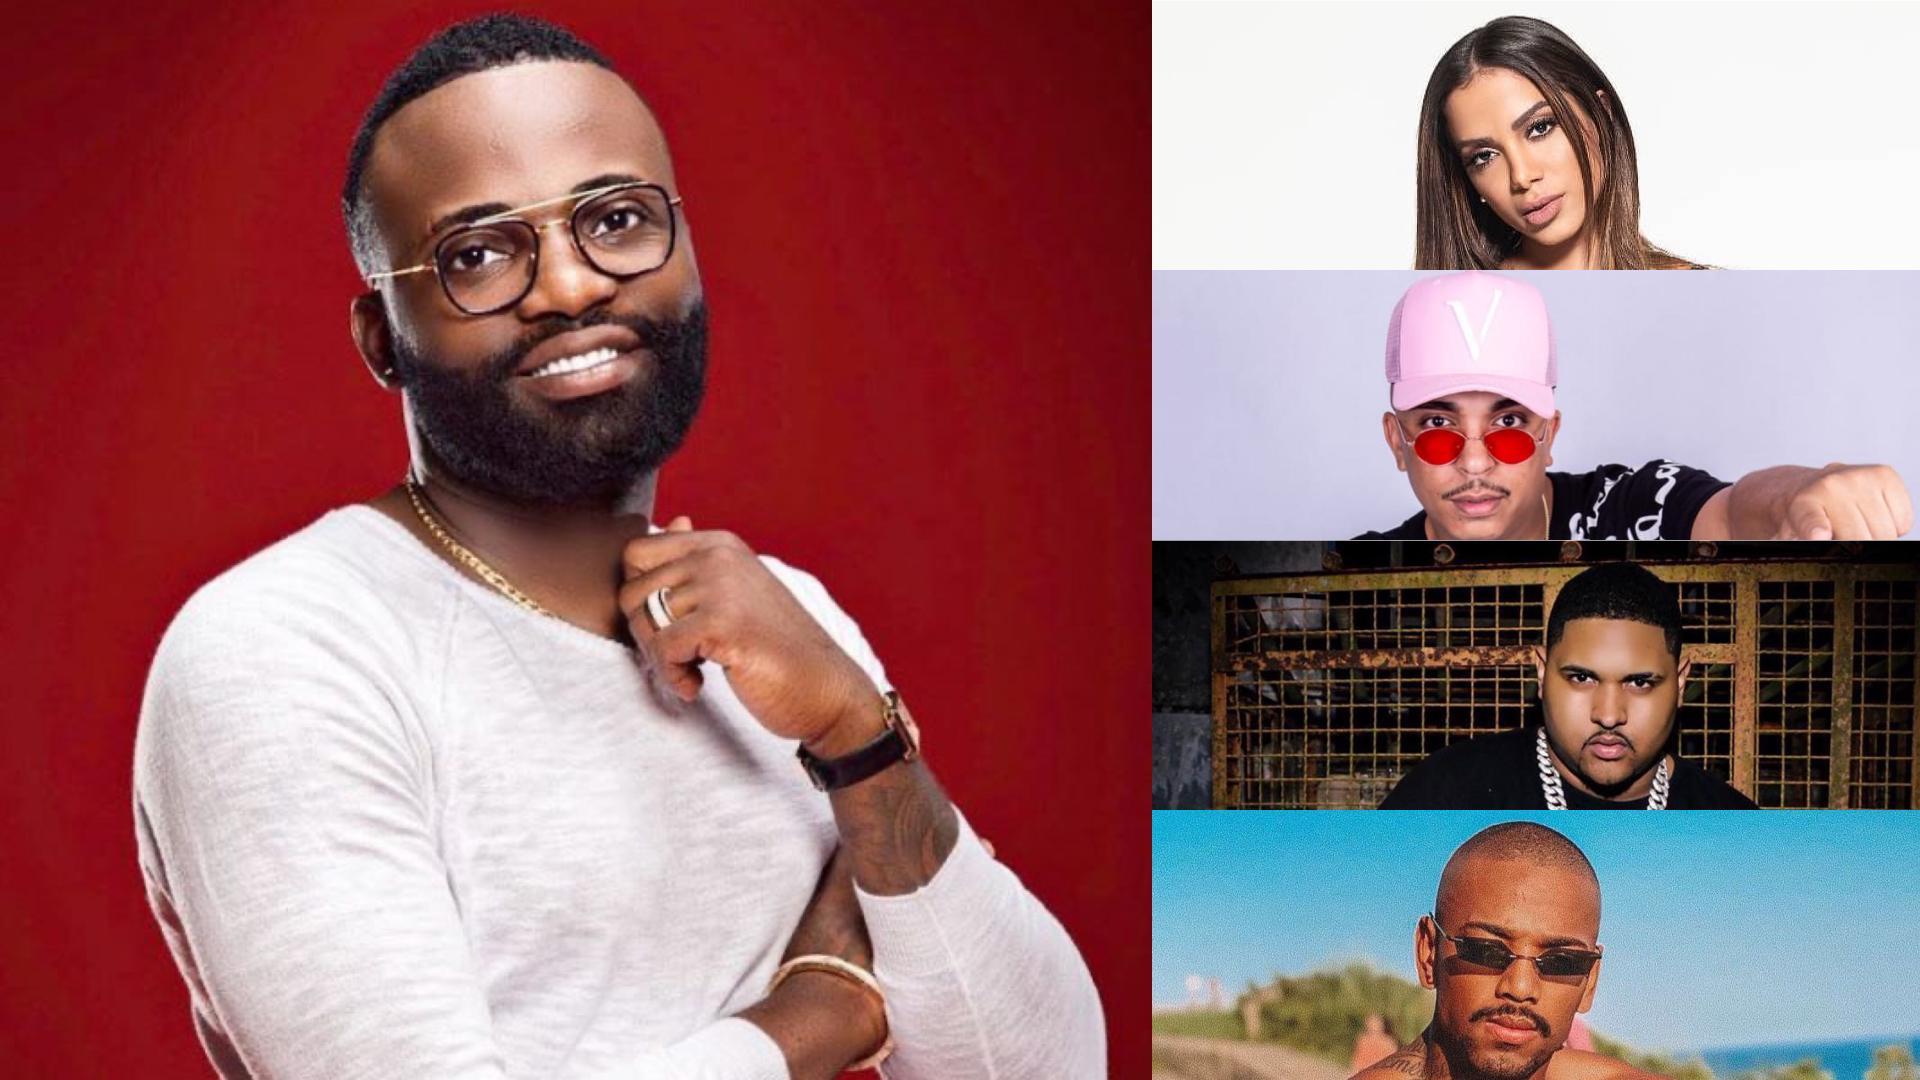 Preto Show prestes a gravar com Anitta, Nego do Borel, Kevin O Chris e DJ Will 22